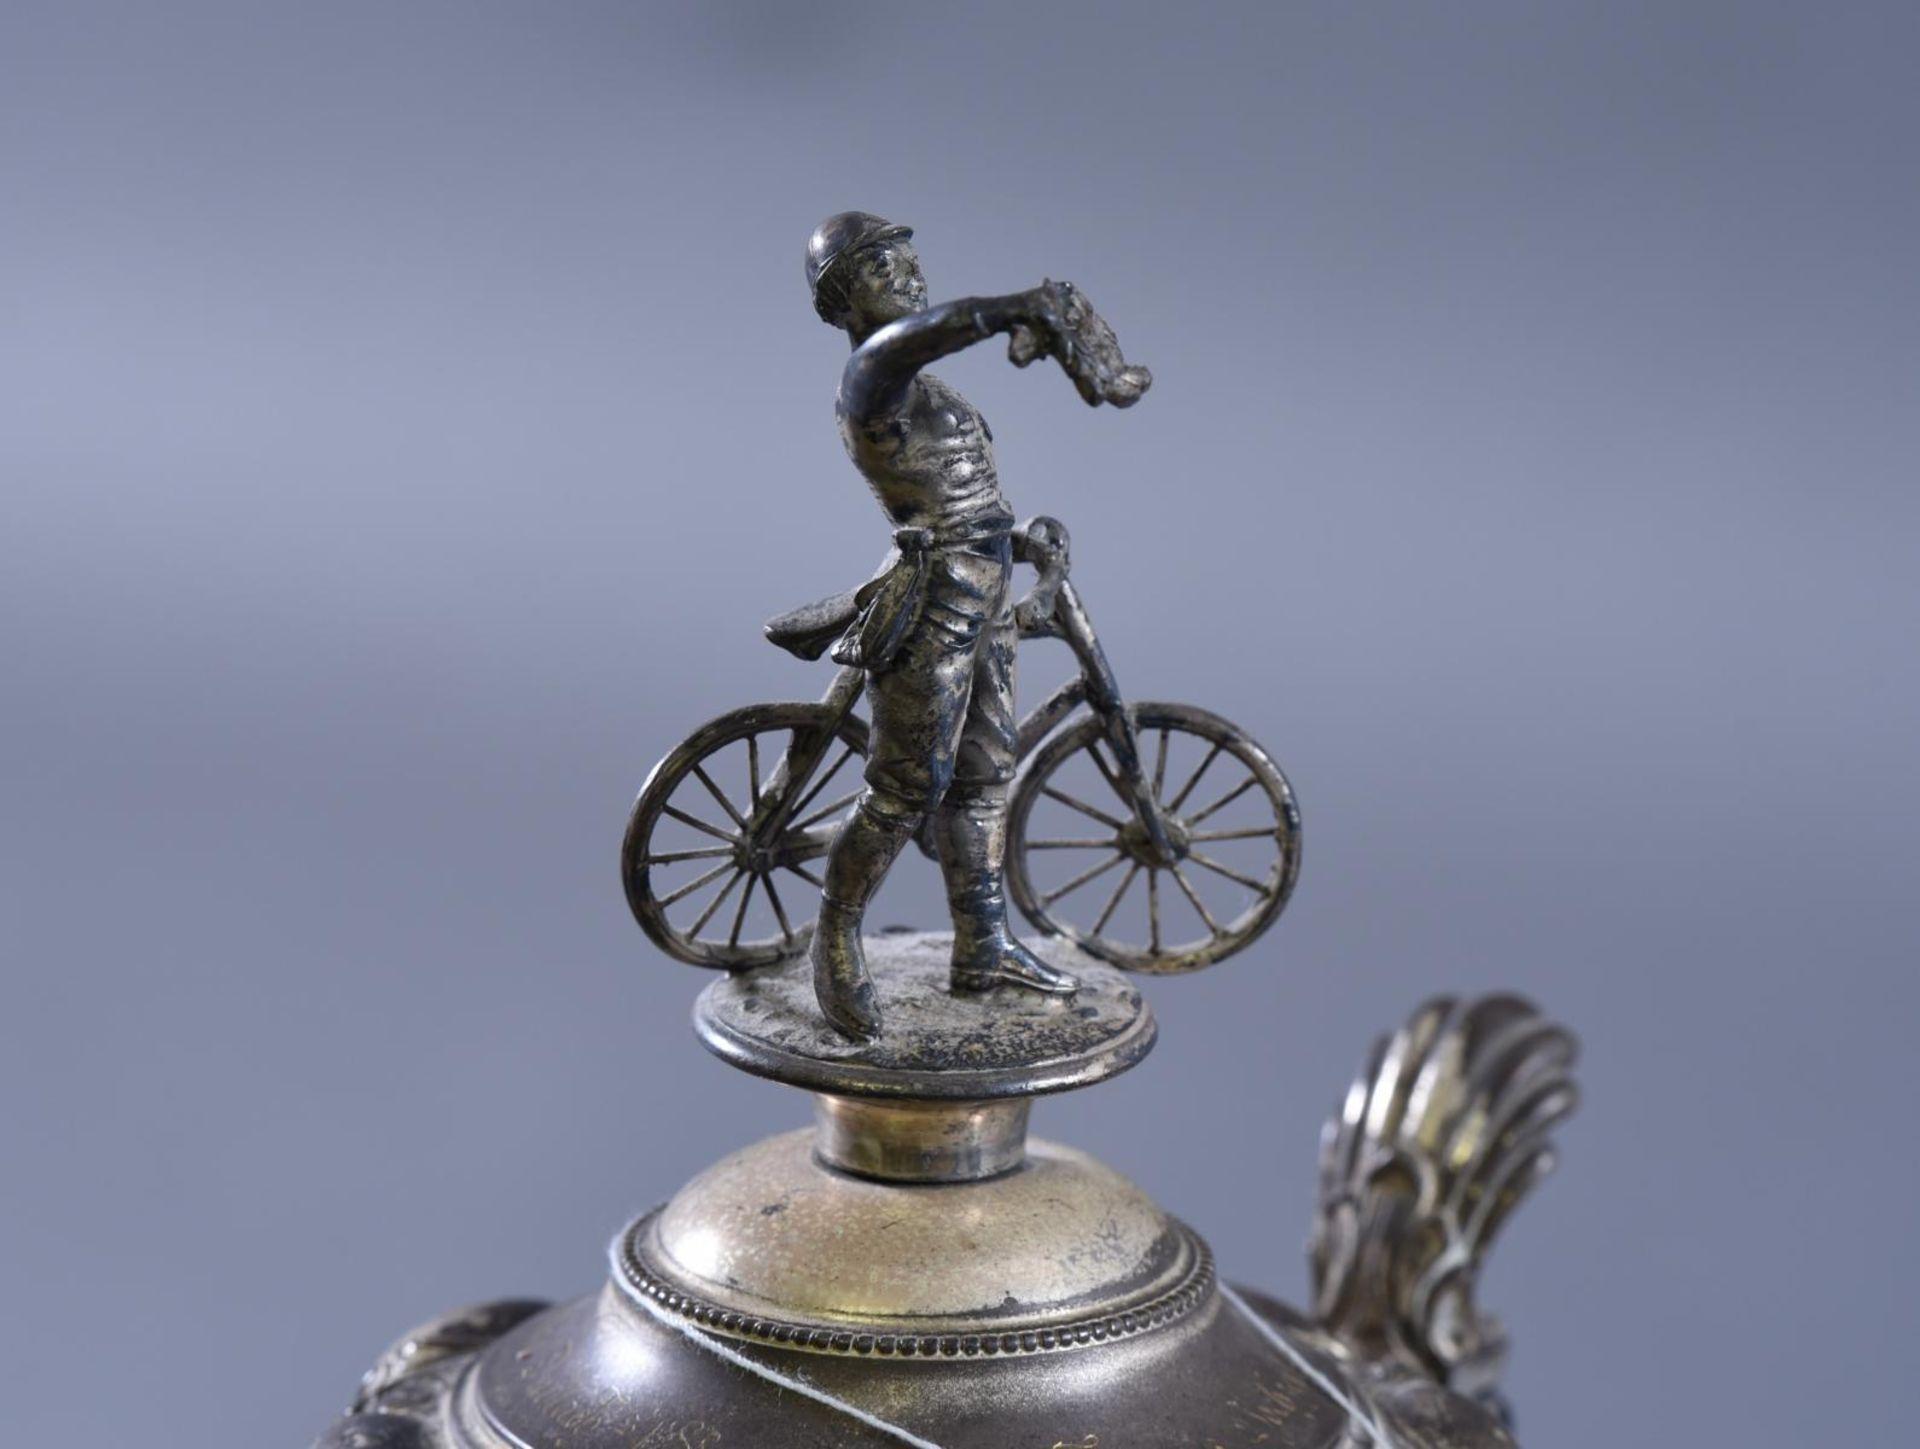 Los 1653 - Radfahrerpokal, Germania Durlach (Karlsruhe), 1898Hoher Deckelpokal mit bekrönenden Radfahrer.